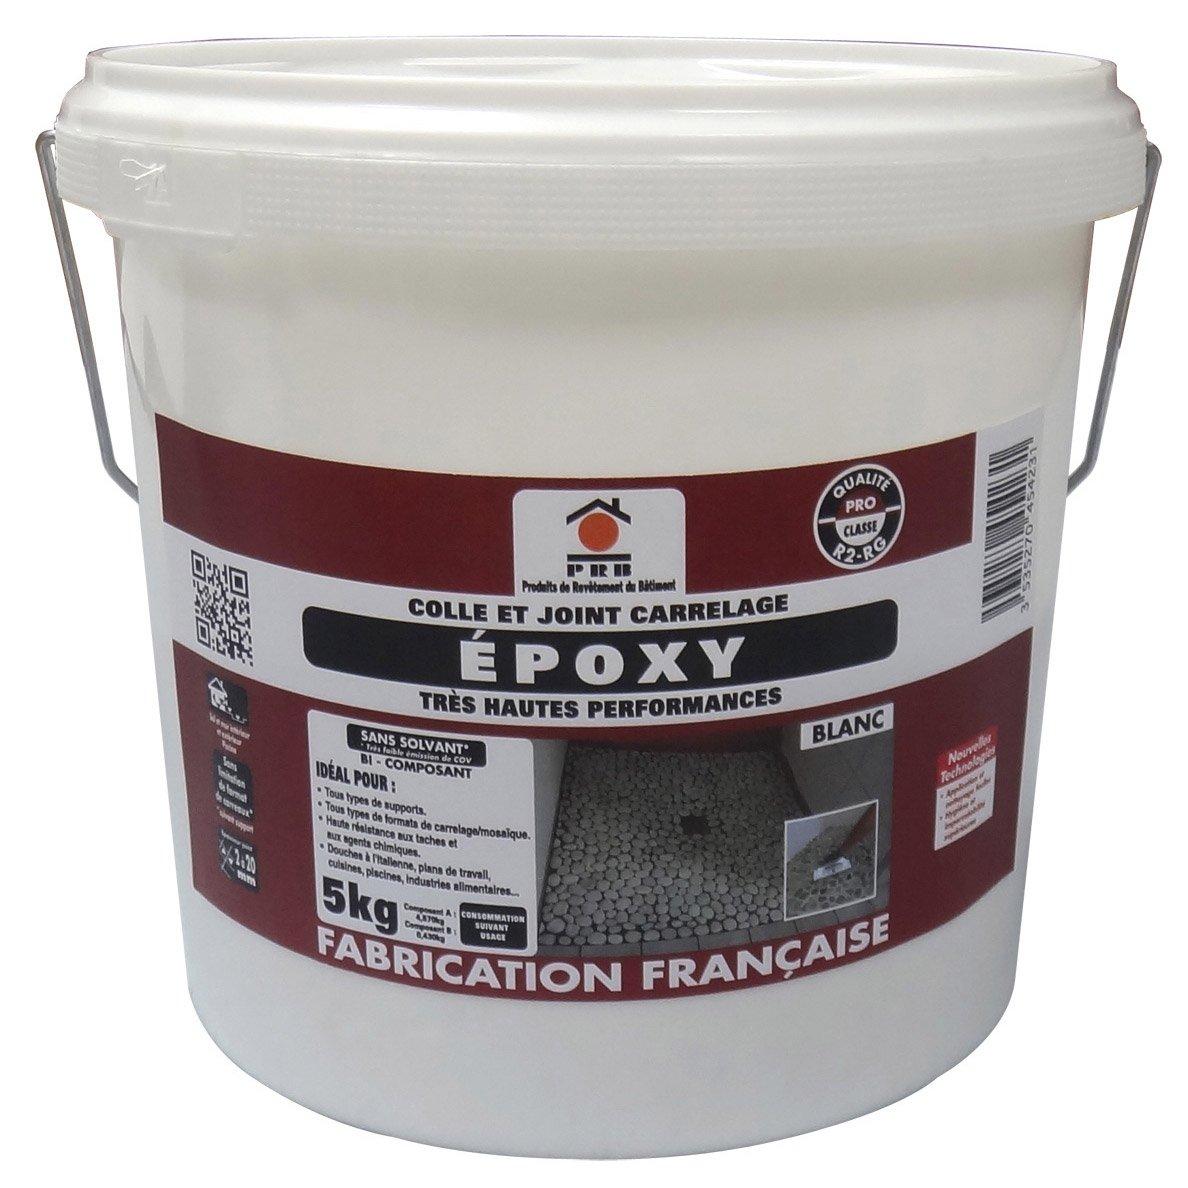 Enduit Epoxy Salle De Bain ~ colle et joint poxy pour carrelage et mosa que mur et sol 5 kg